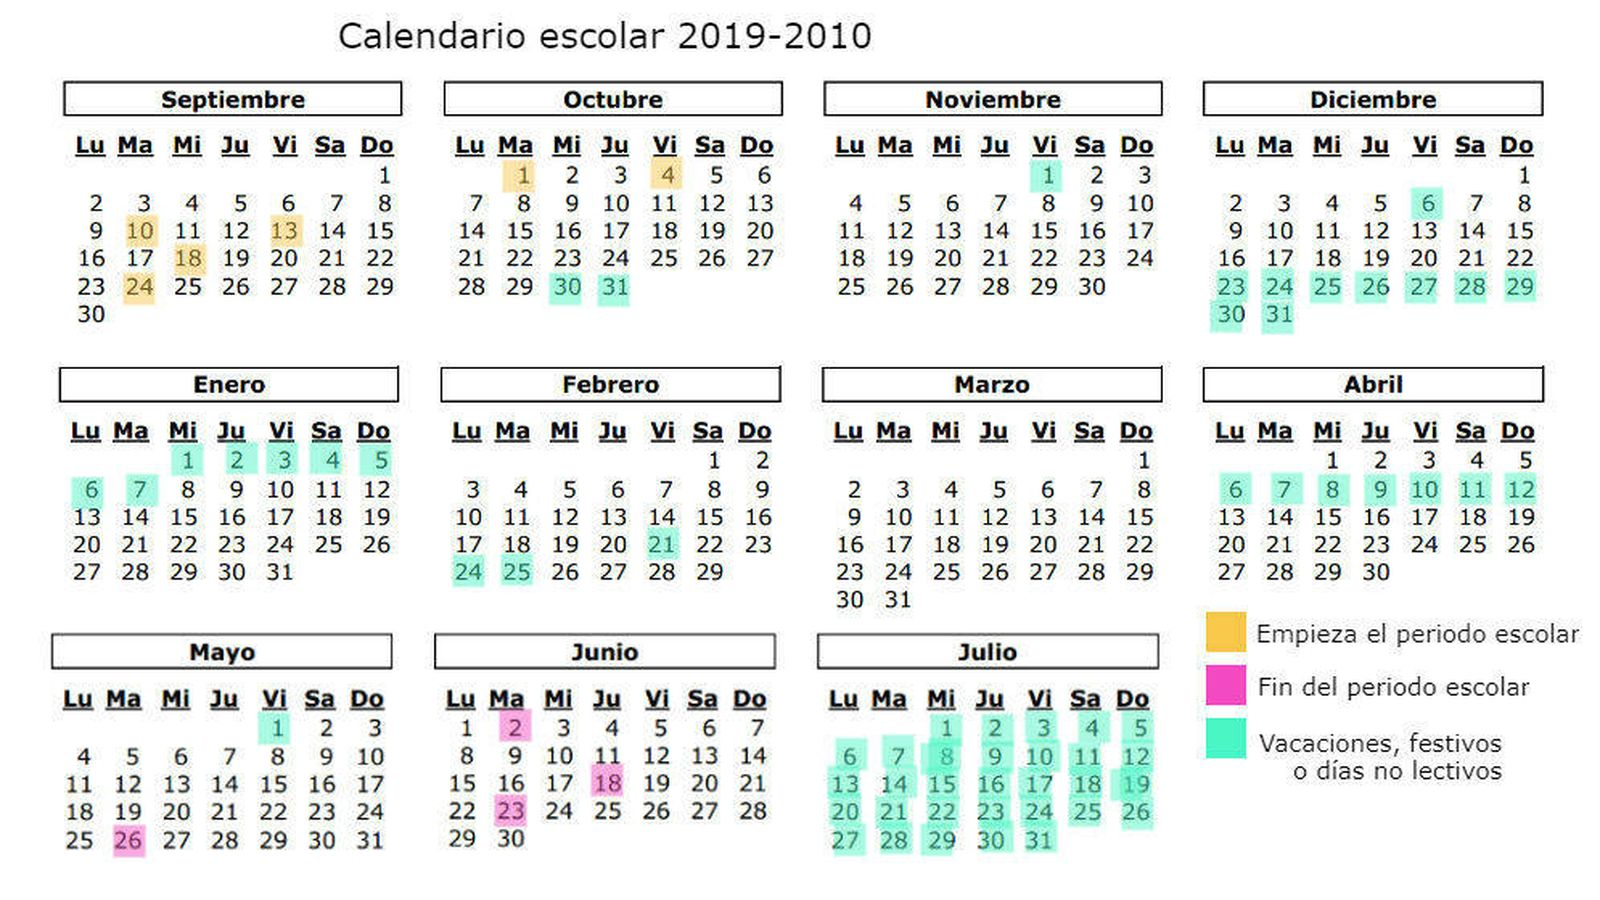 Calendario Laboral Castilla Y Leon 2020.Calendario Escolar 2019 2020 En Asturias Dias Festivos Y Vacaciones